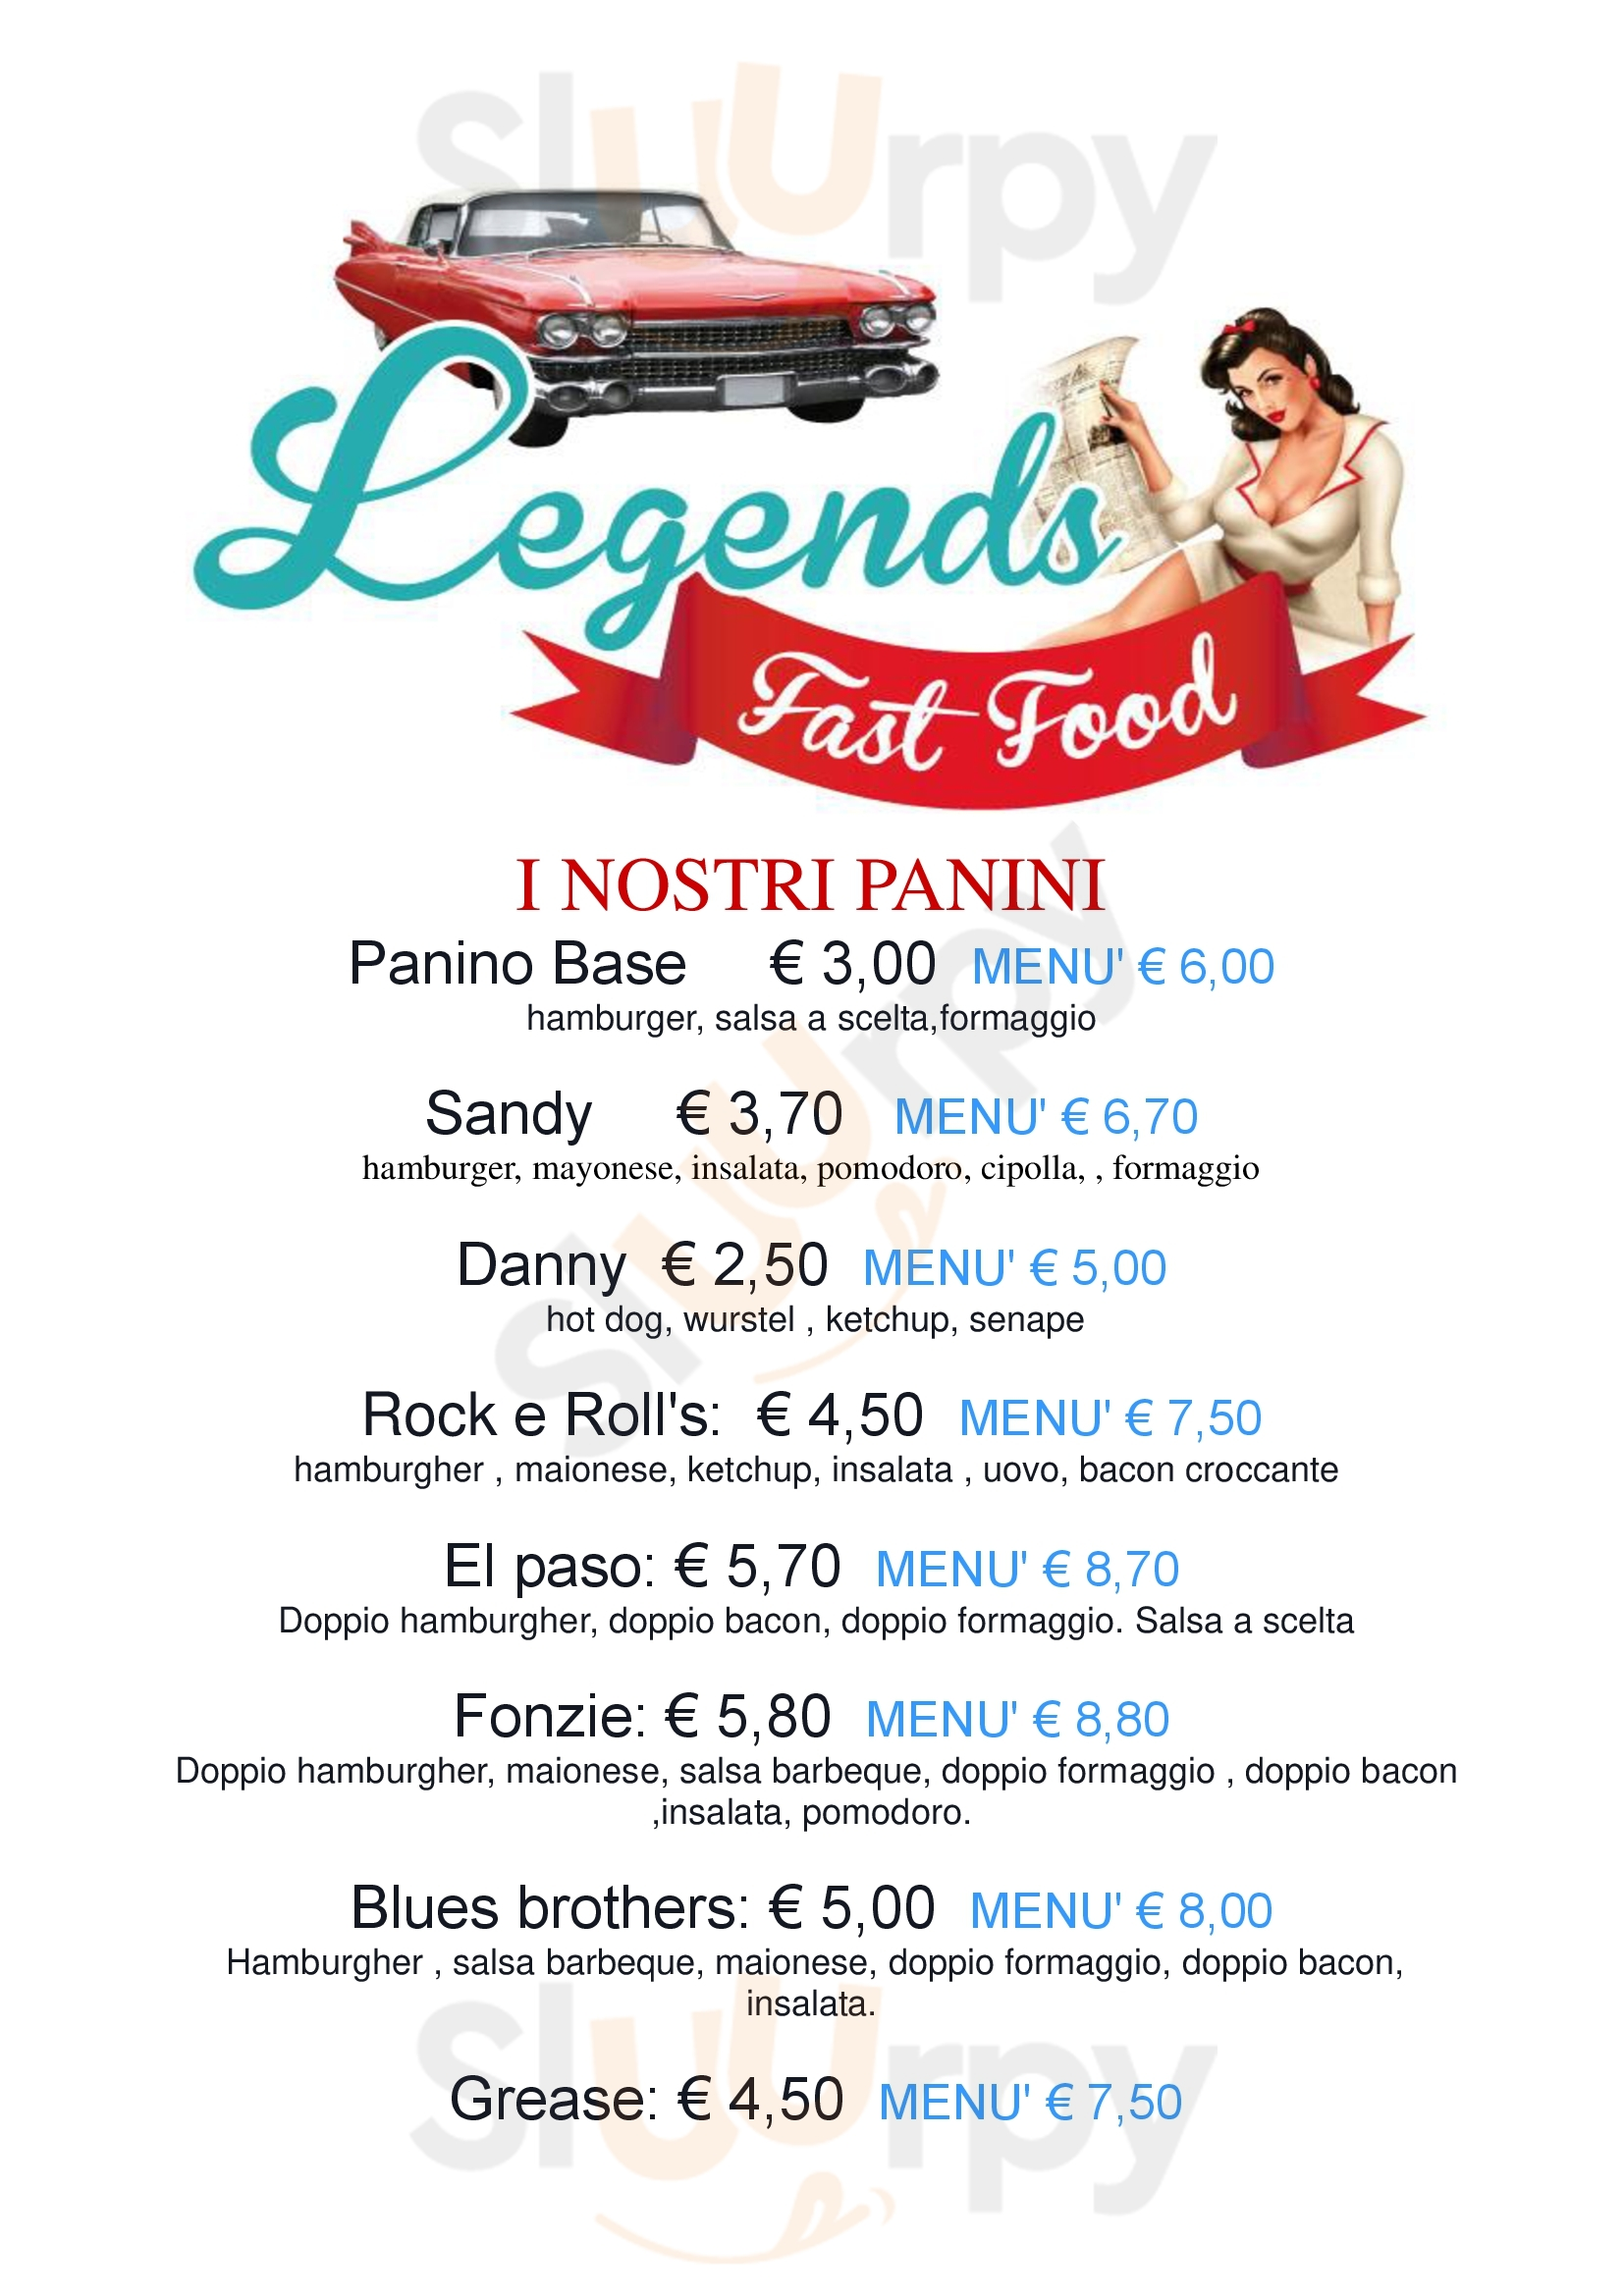 legends fast food Lonigo menù 1 pagina